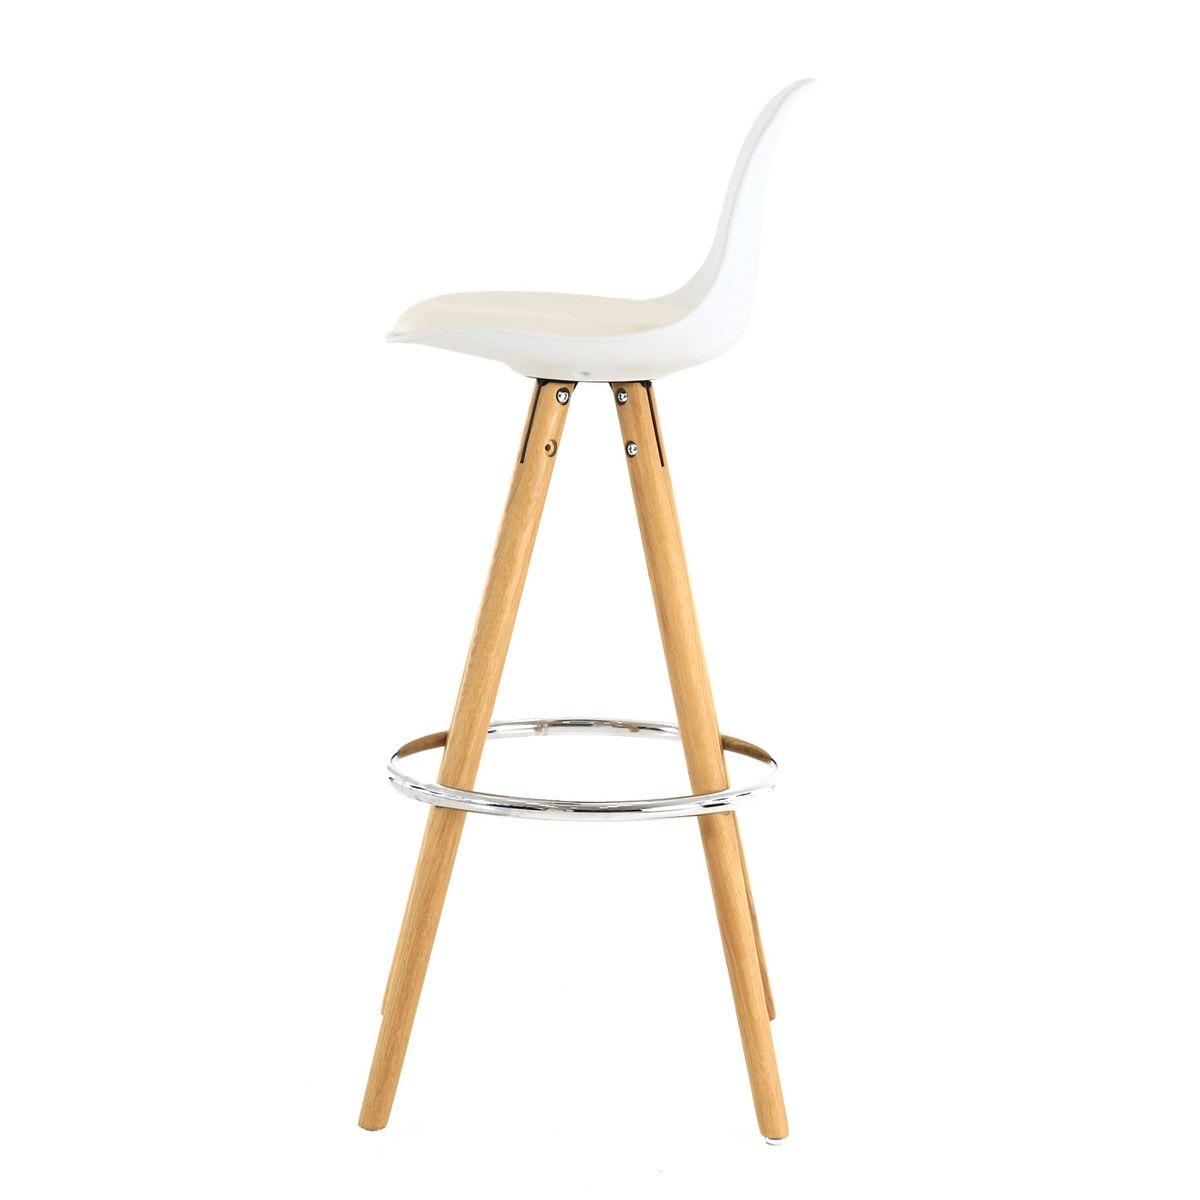 chaise haute de bar blanche tr pied en bois style scandinave zago store. Black Bedroom Furniture Sets. Home Design Ideas